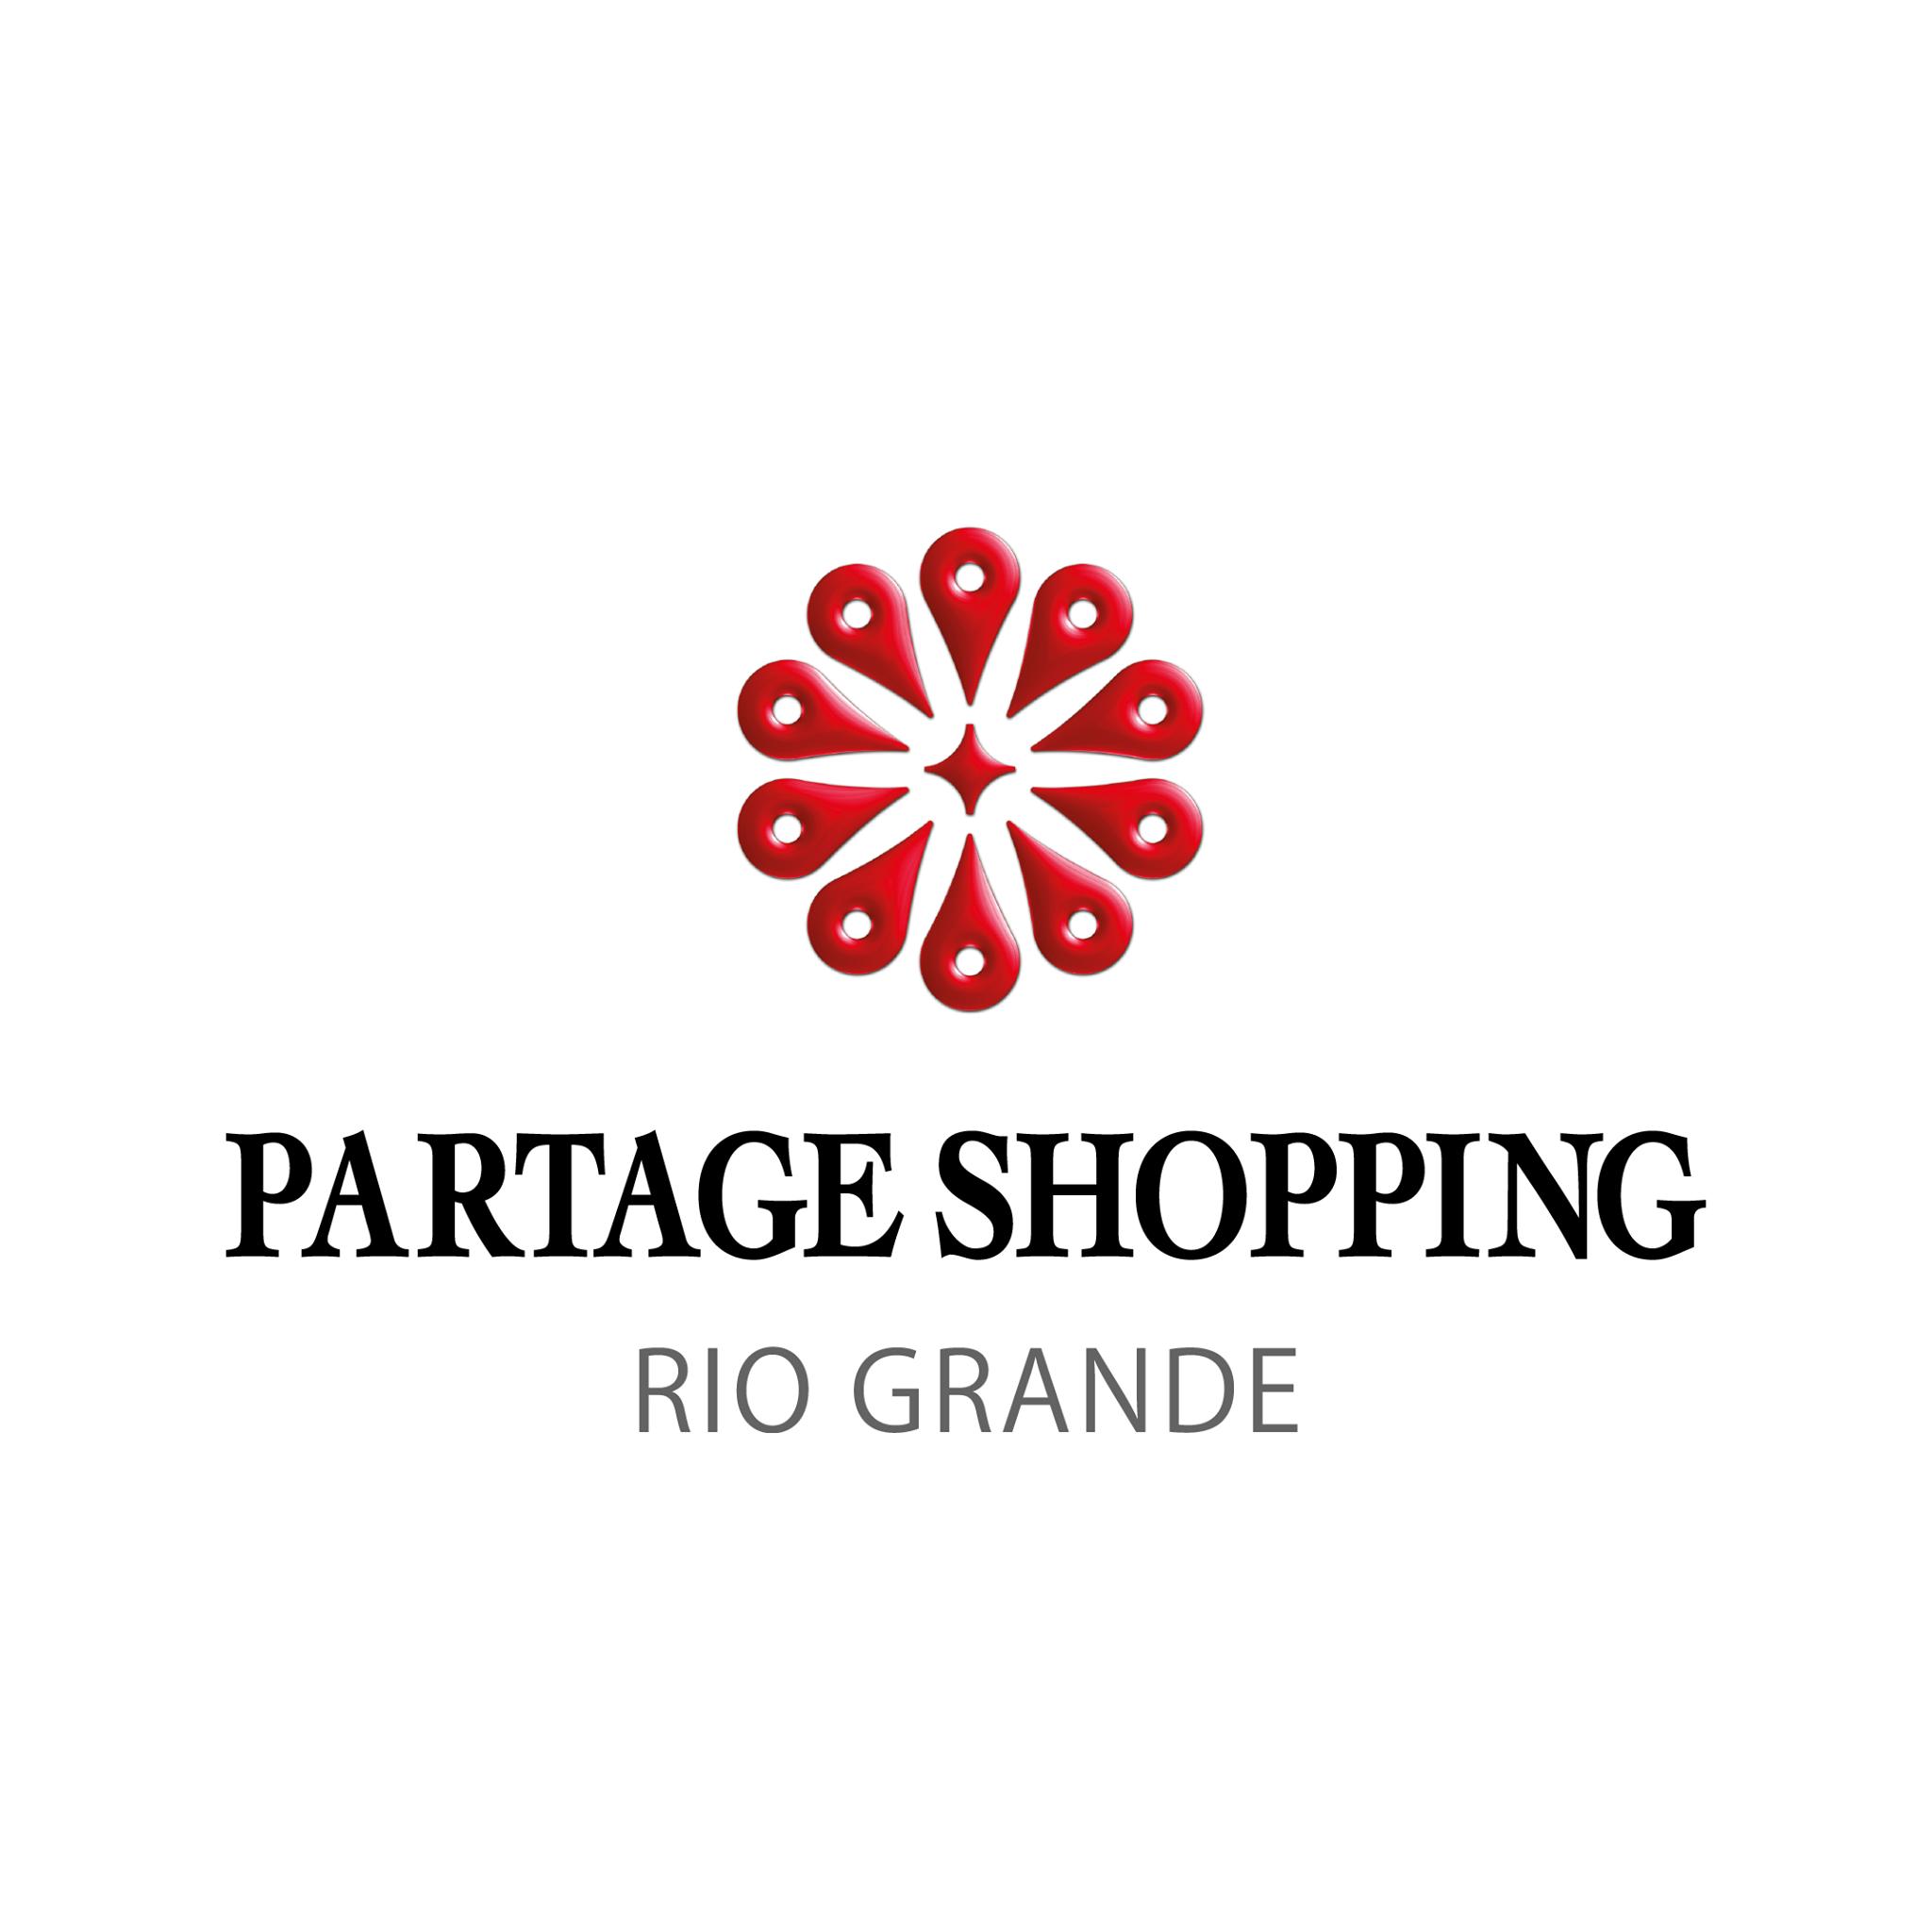 Partage Shopping Rio Grande